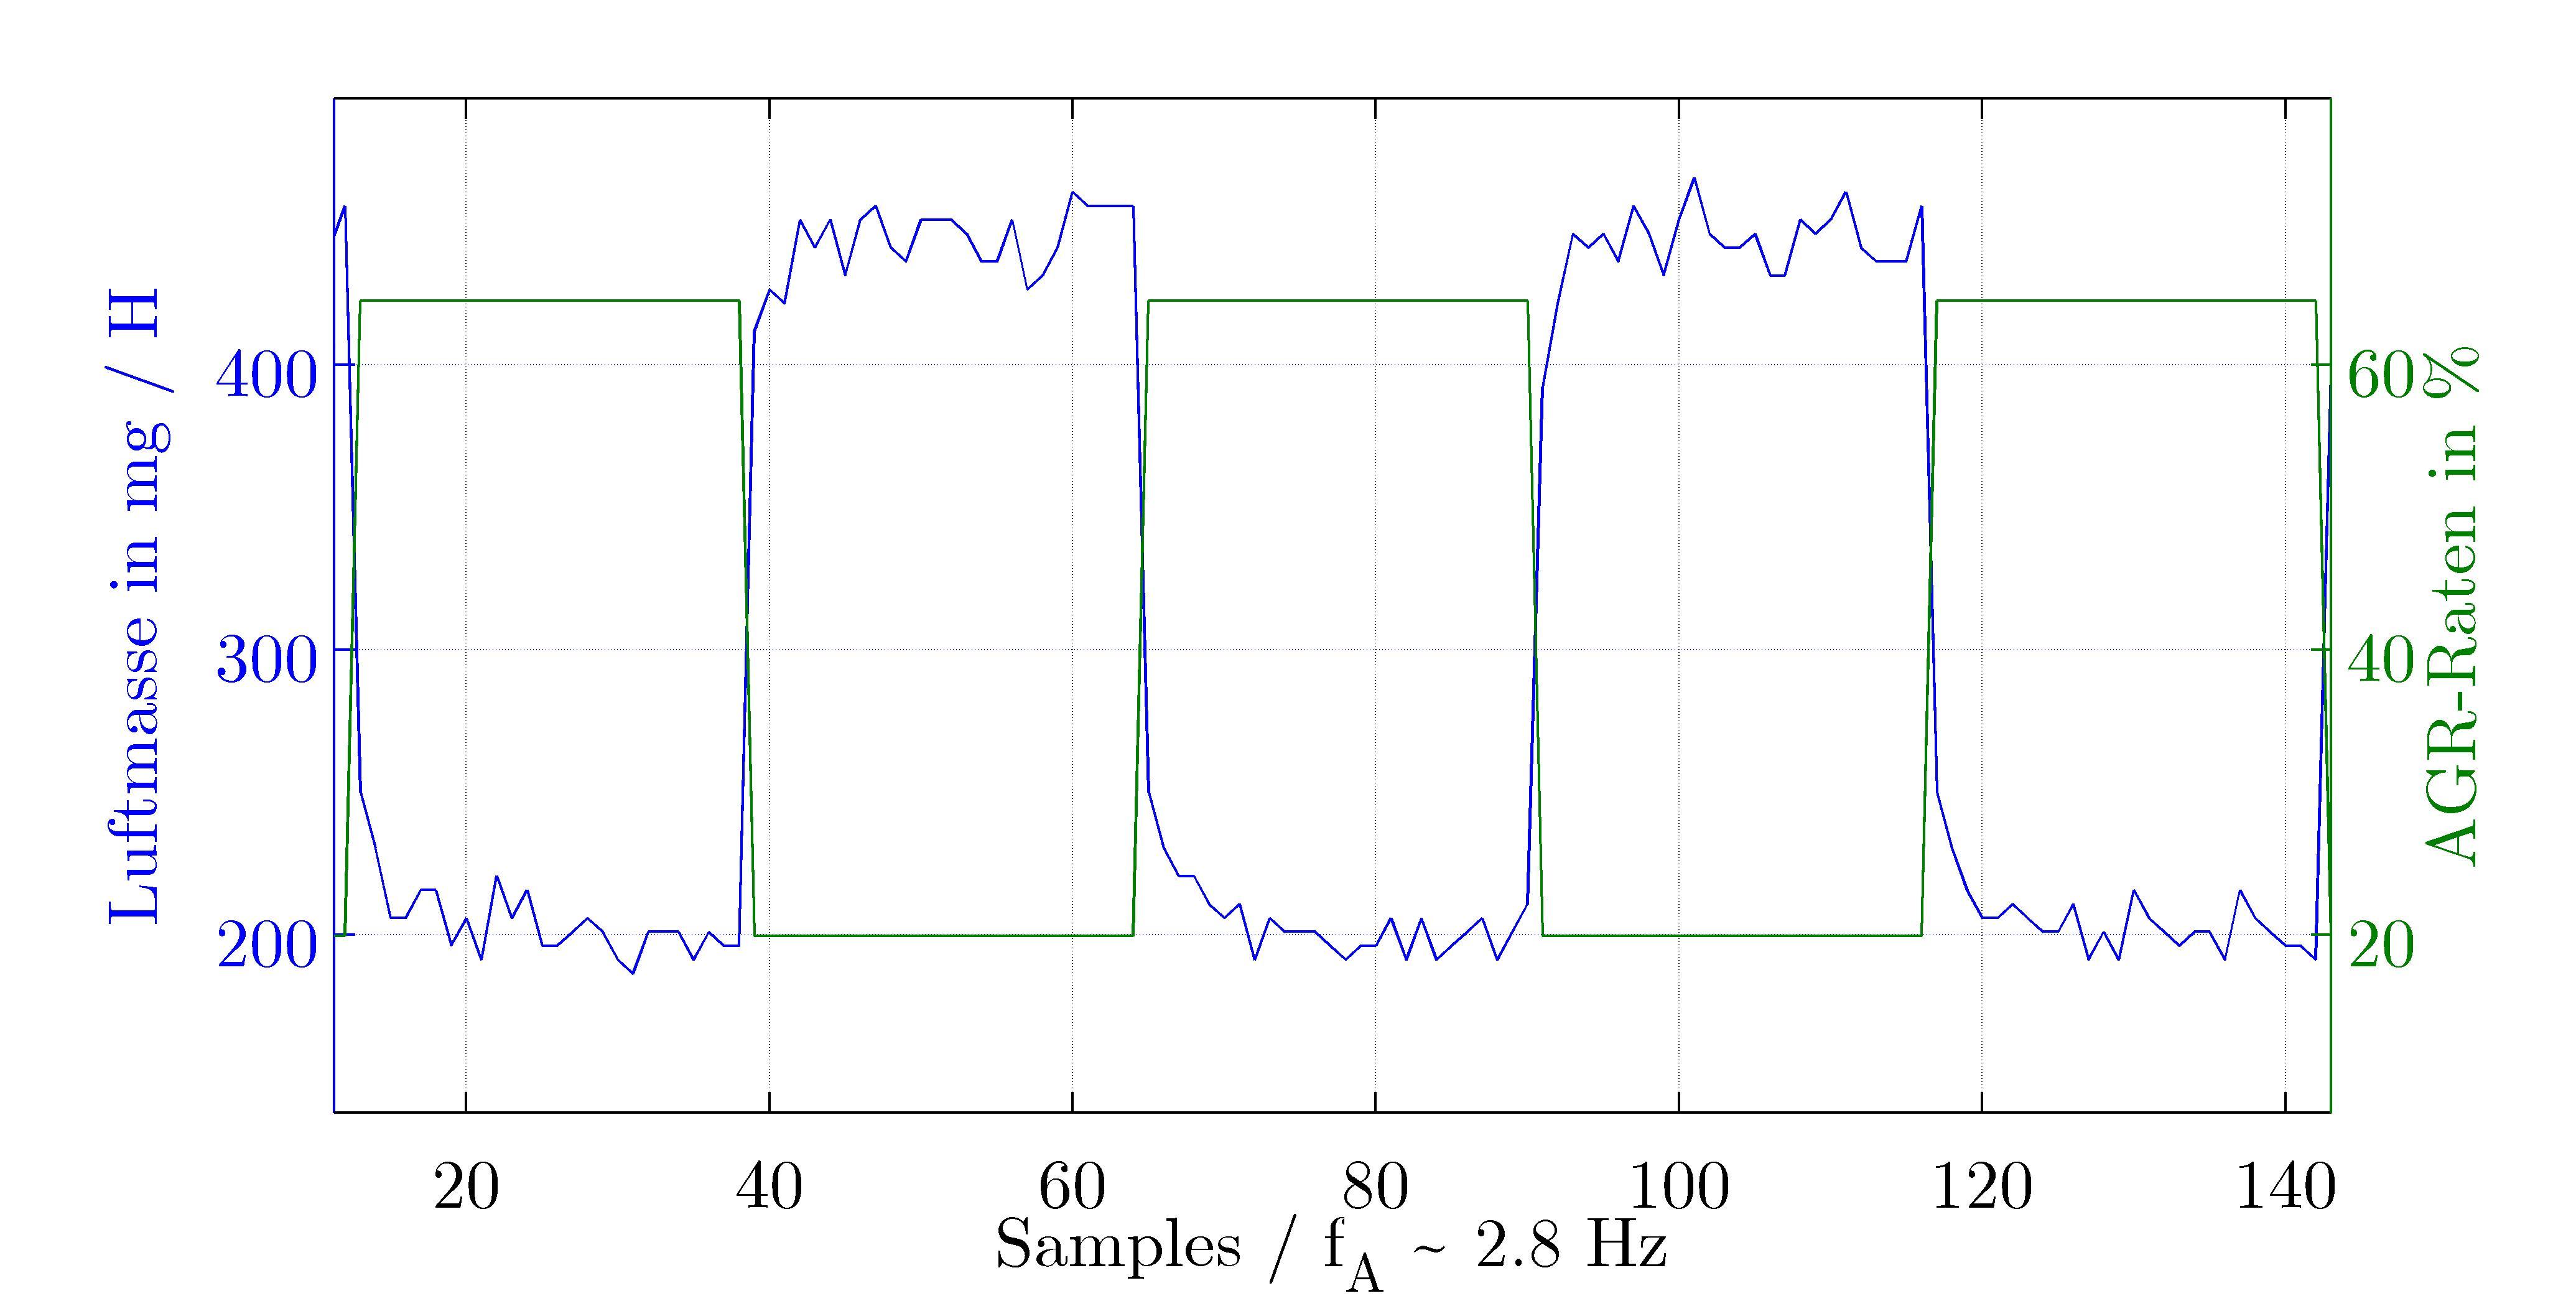 AGR-Test.jpg.748d33c8bc6458ee2ffbd1c7510651ef.jpg